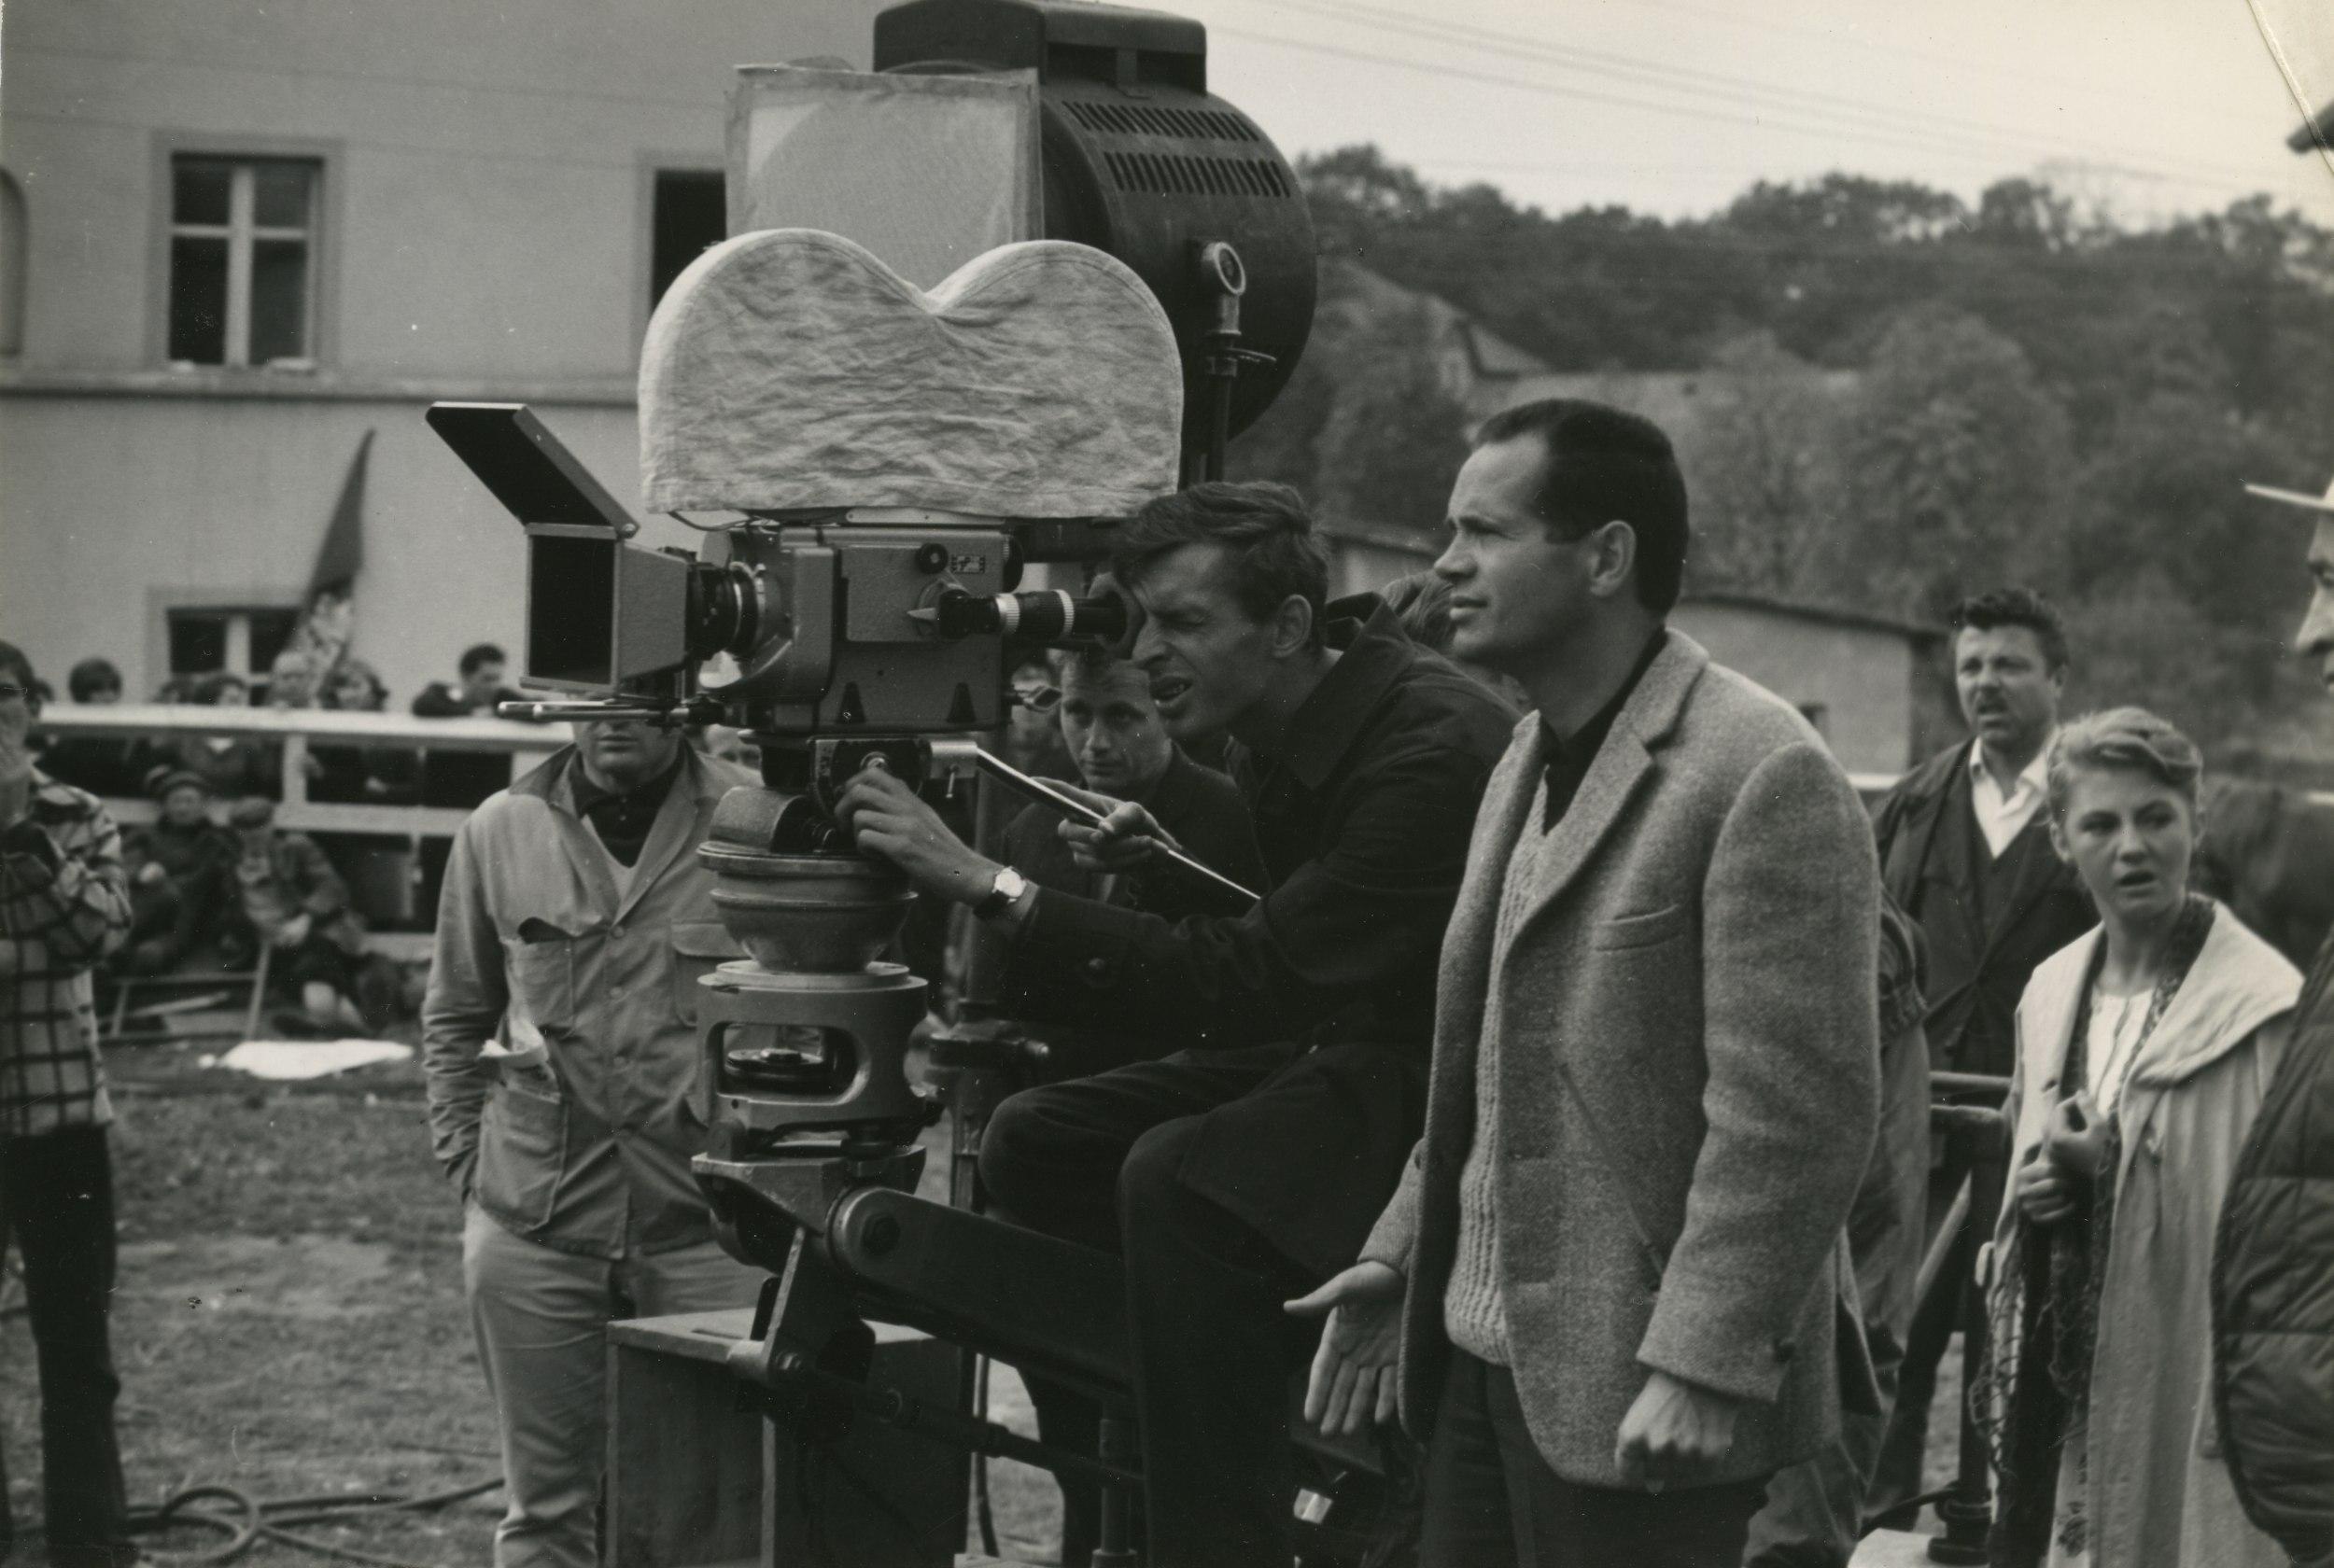 Ekipa filmowa przy pracy (fot. Julian Magda / archiwum prywatne Sylwestra Chęcińskiego)